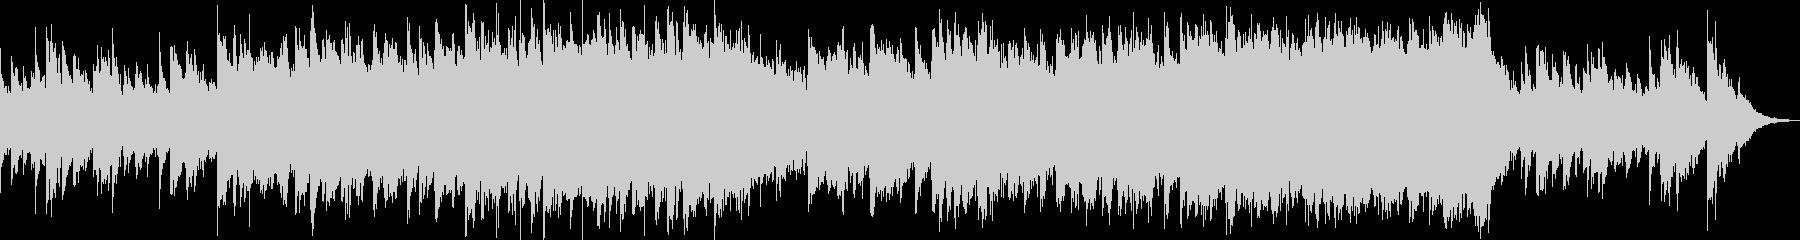 現代的 交響曲 エレクトロ ラウン...の未再生の波形